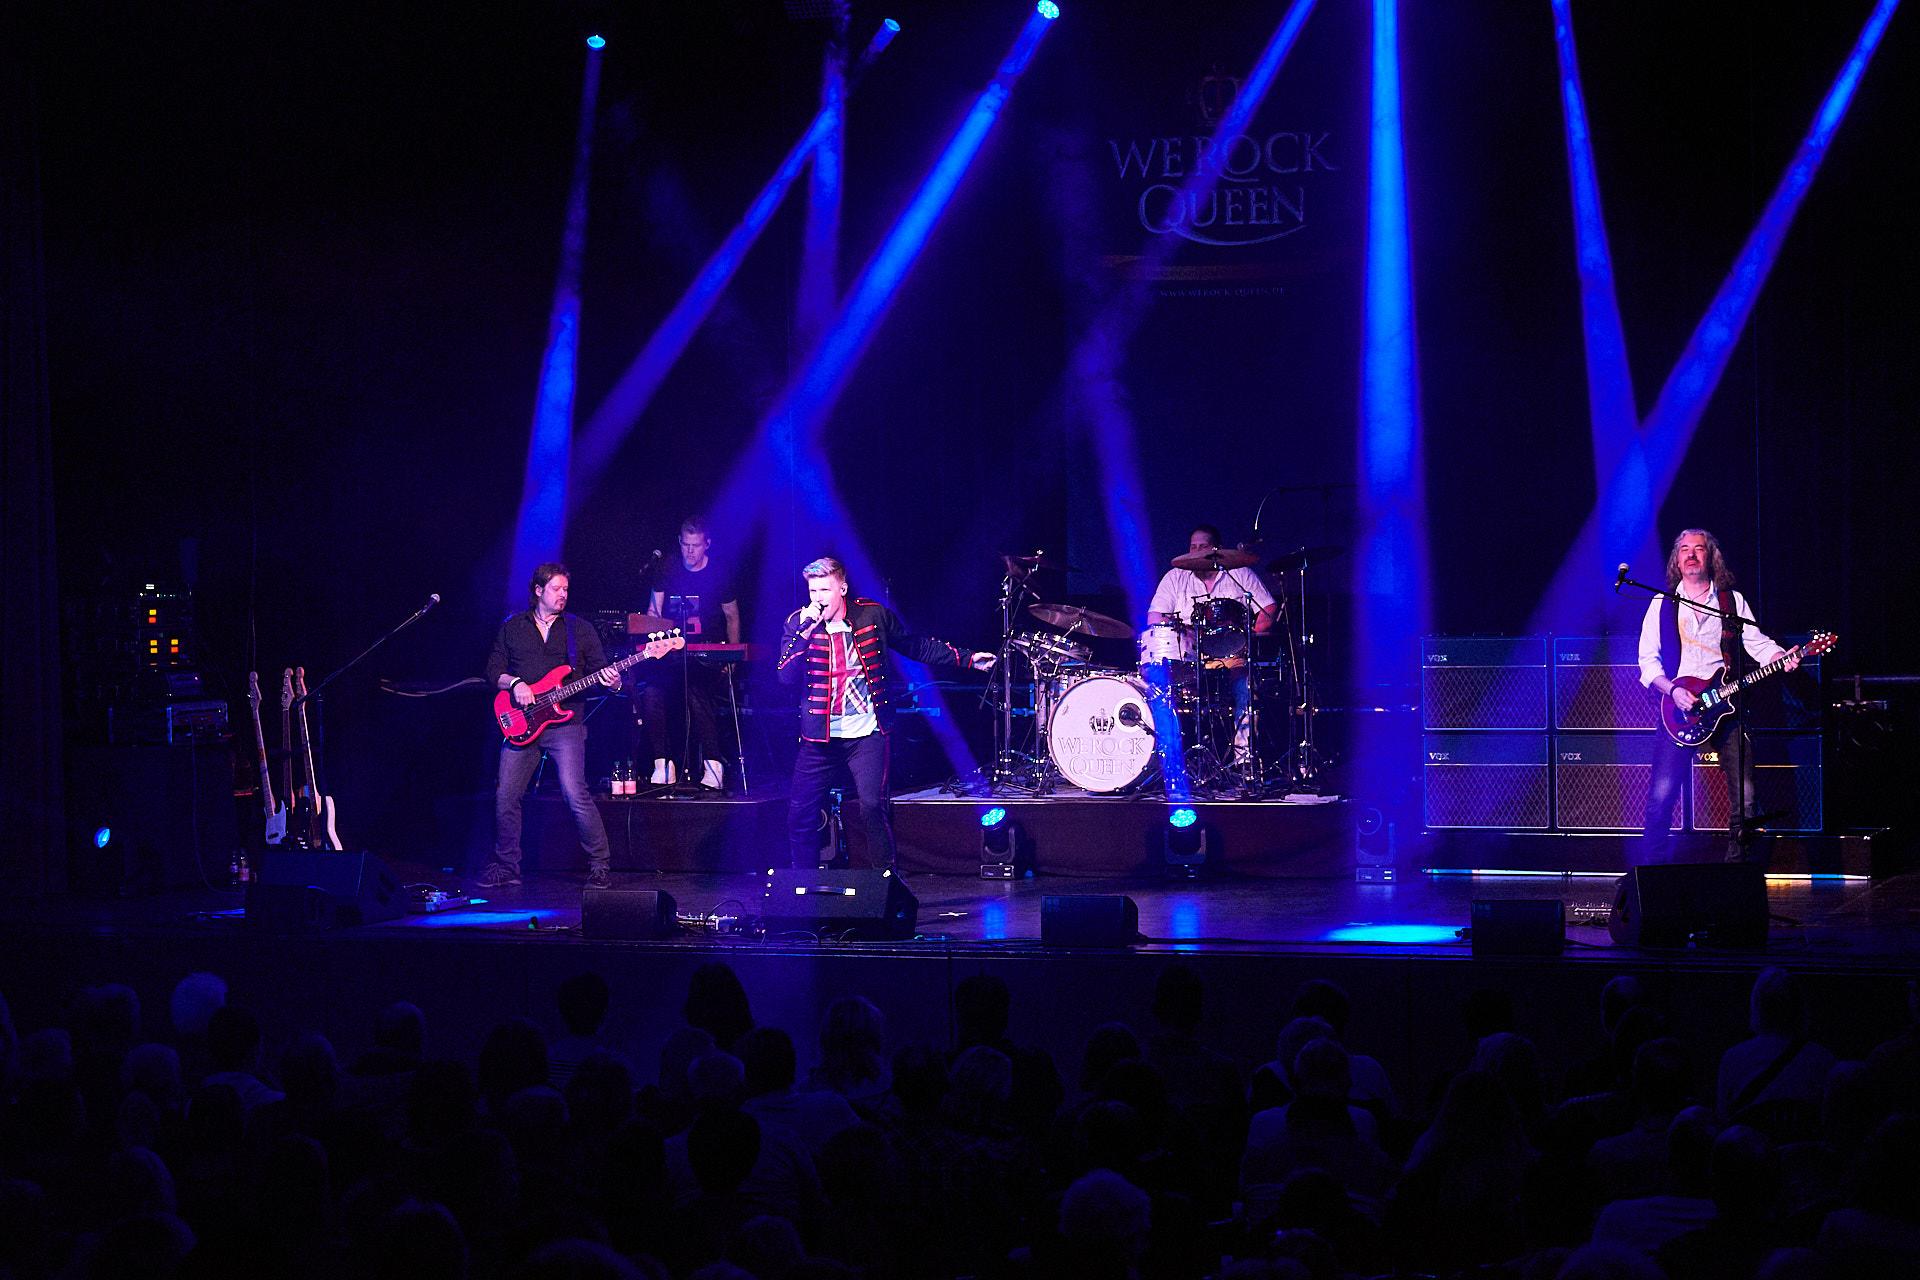 WE ROCK Queen spielte am Freitag, 8. März 2019 in der Stadthalle Verden